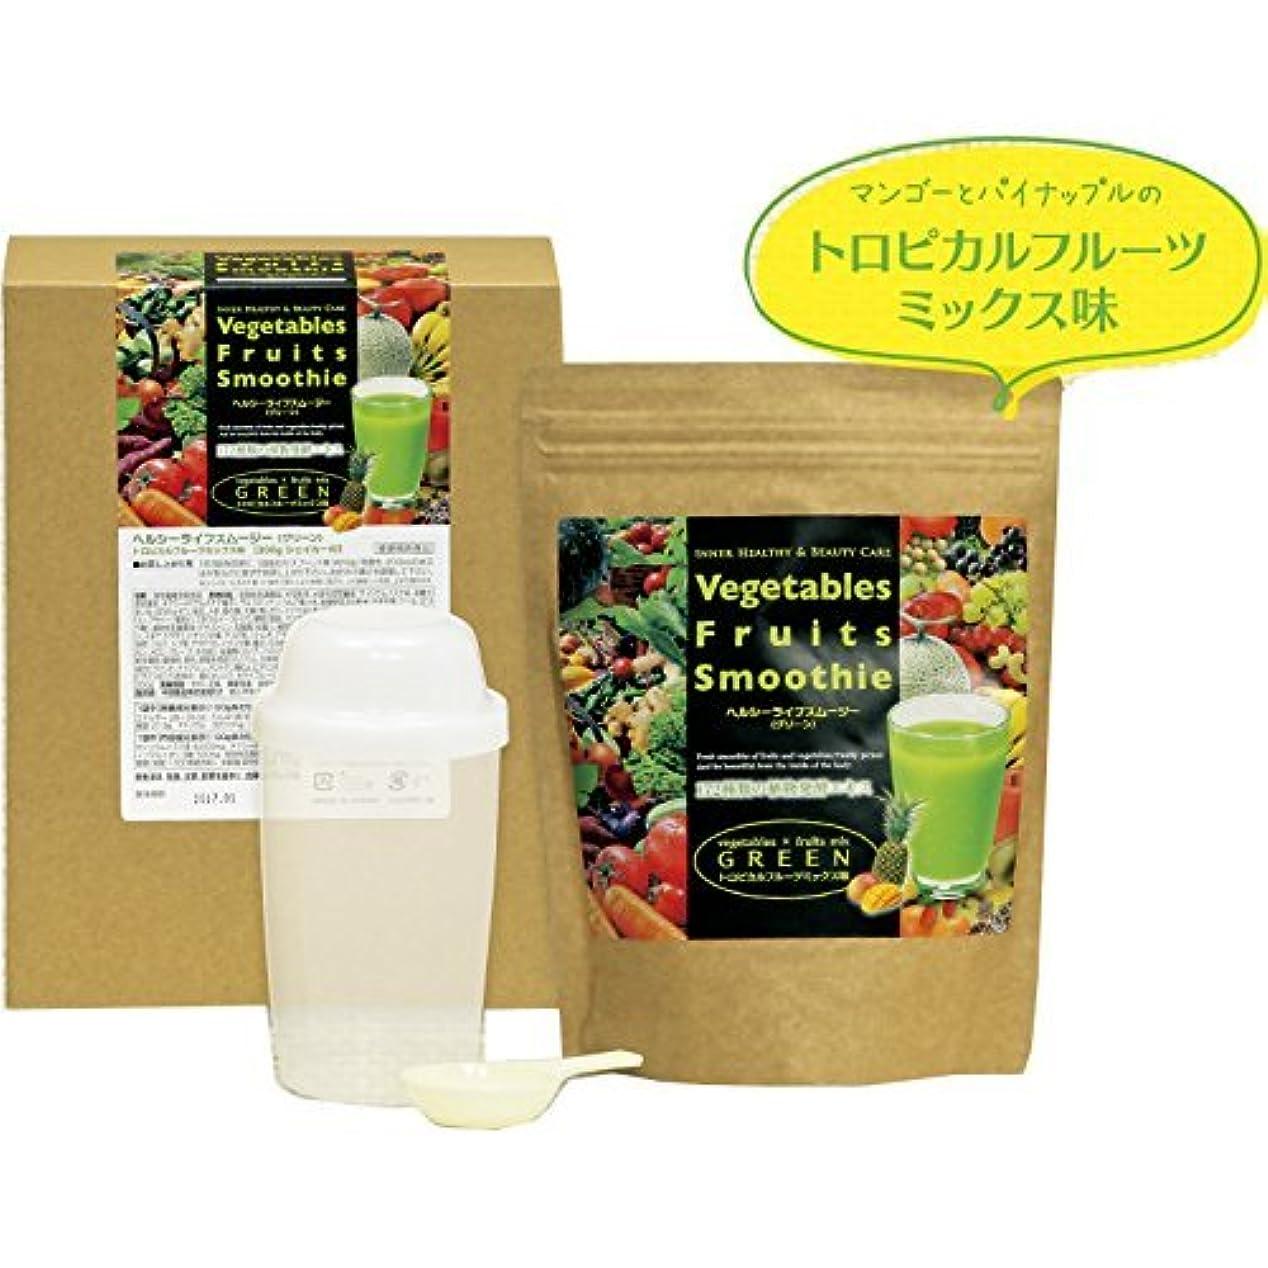 露トーストサミットVegetables Fruits Smoothie ヘルシーライフスムージー(グリーン)トロピカルフルーツミックス味(300g シェイカー付) 日本製